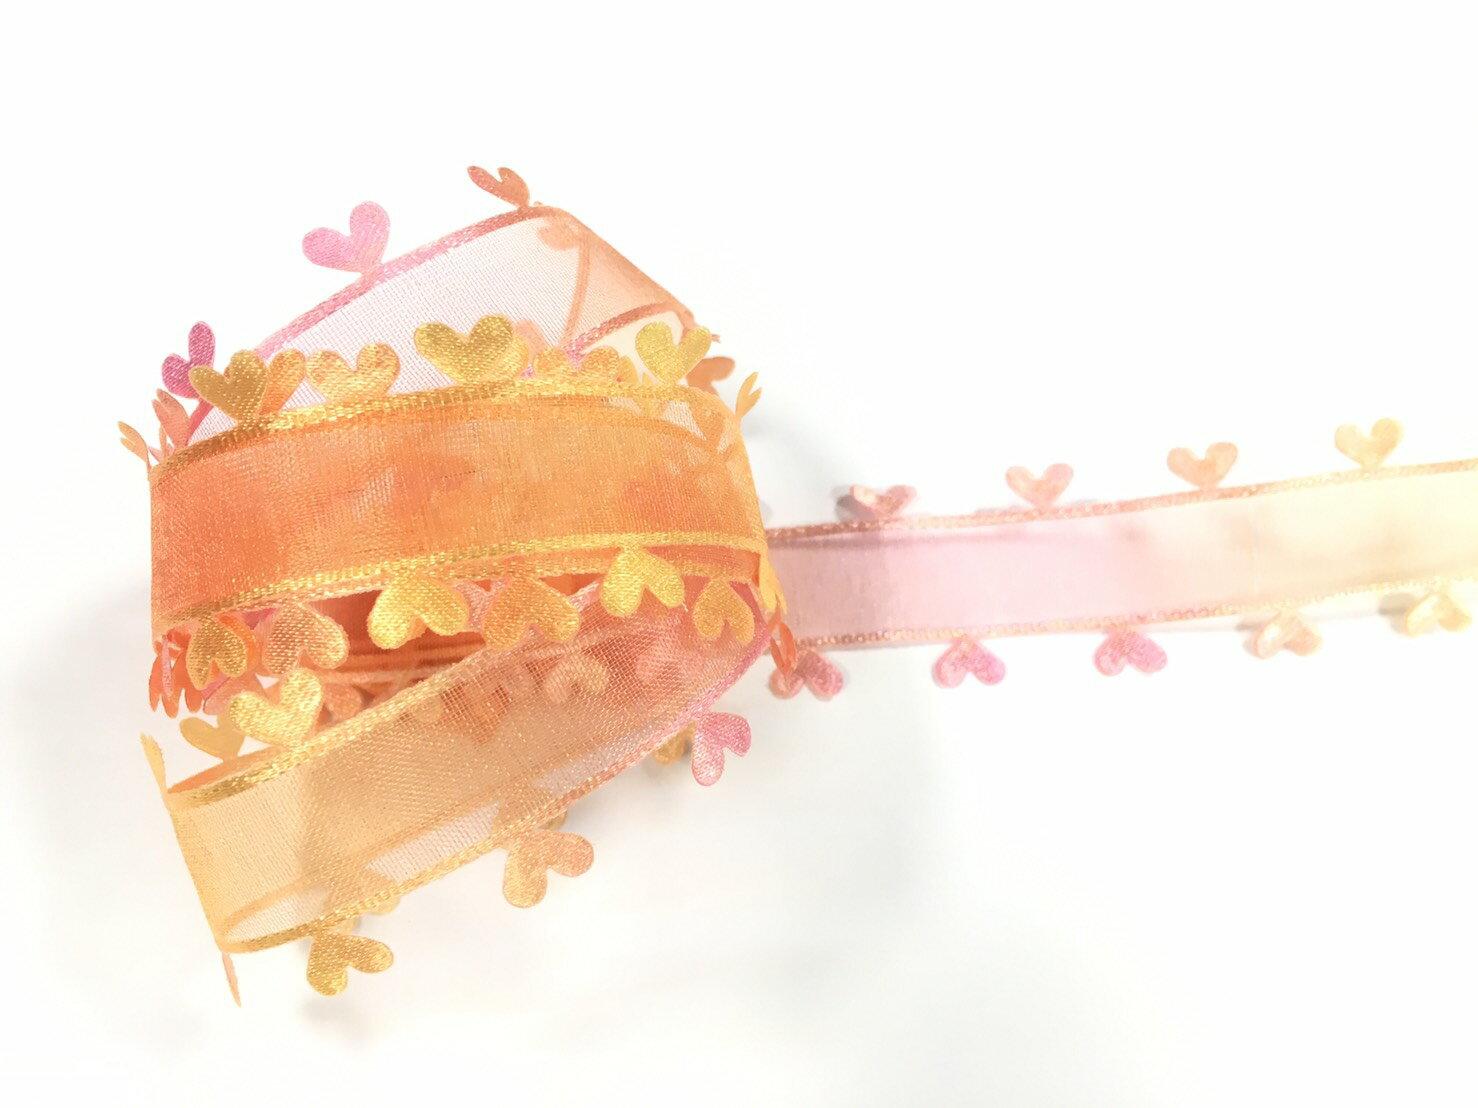 網紗漸層壓邊愛心緞帶 27mm 3碼 (6色) 4